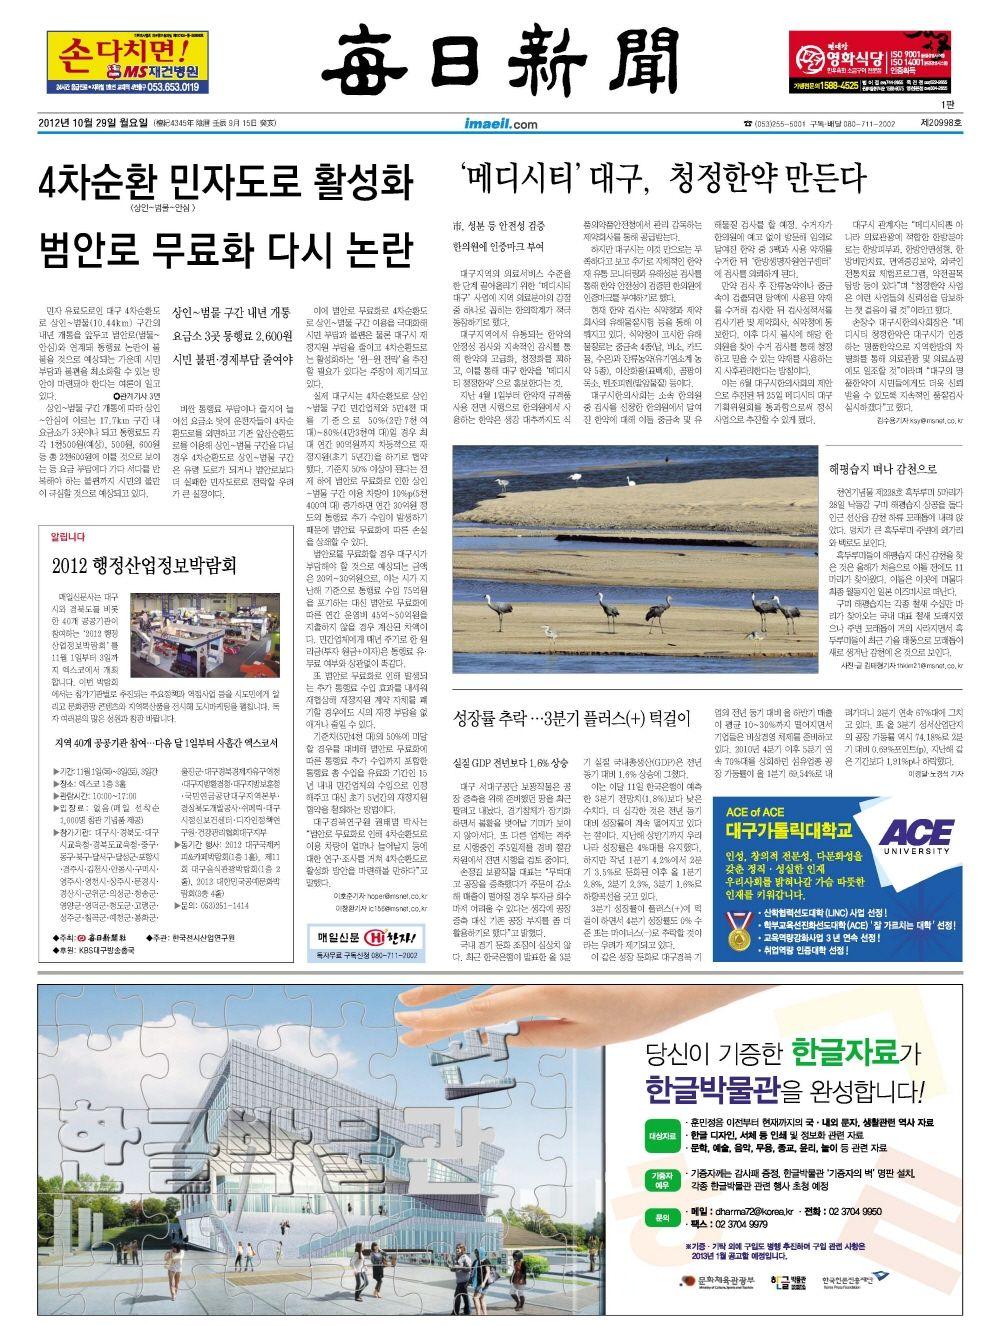 2012년 10월 29일 매일신문 1면입니다.